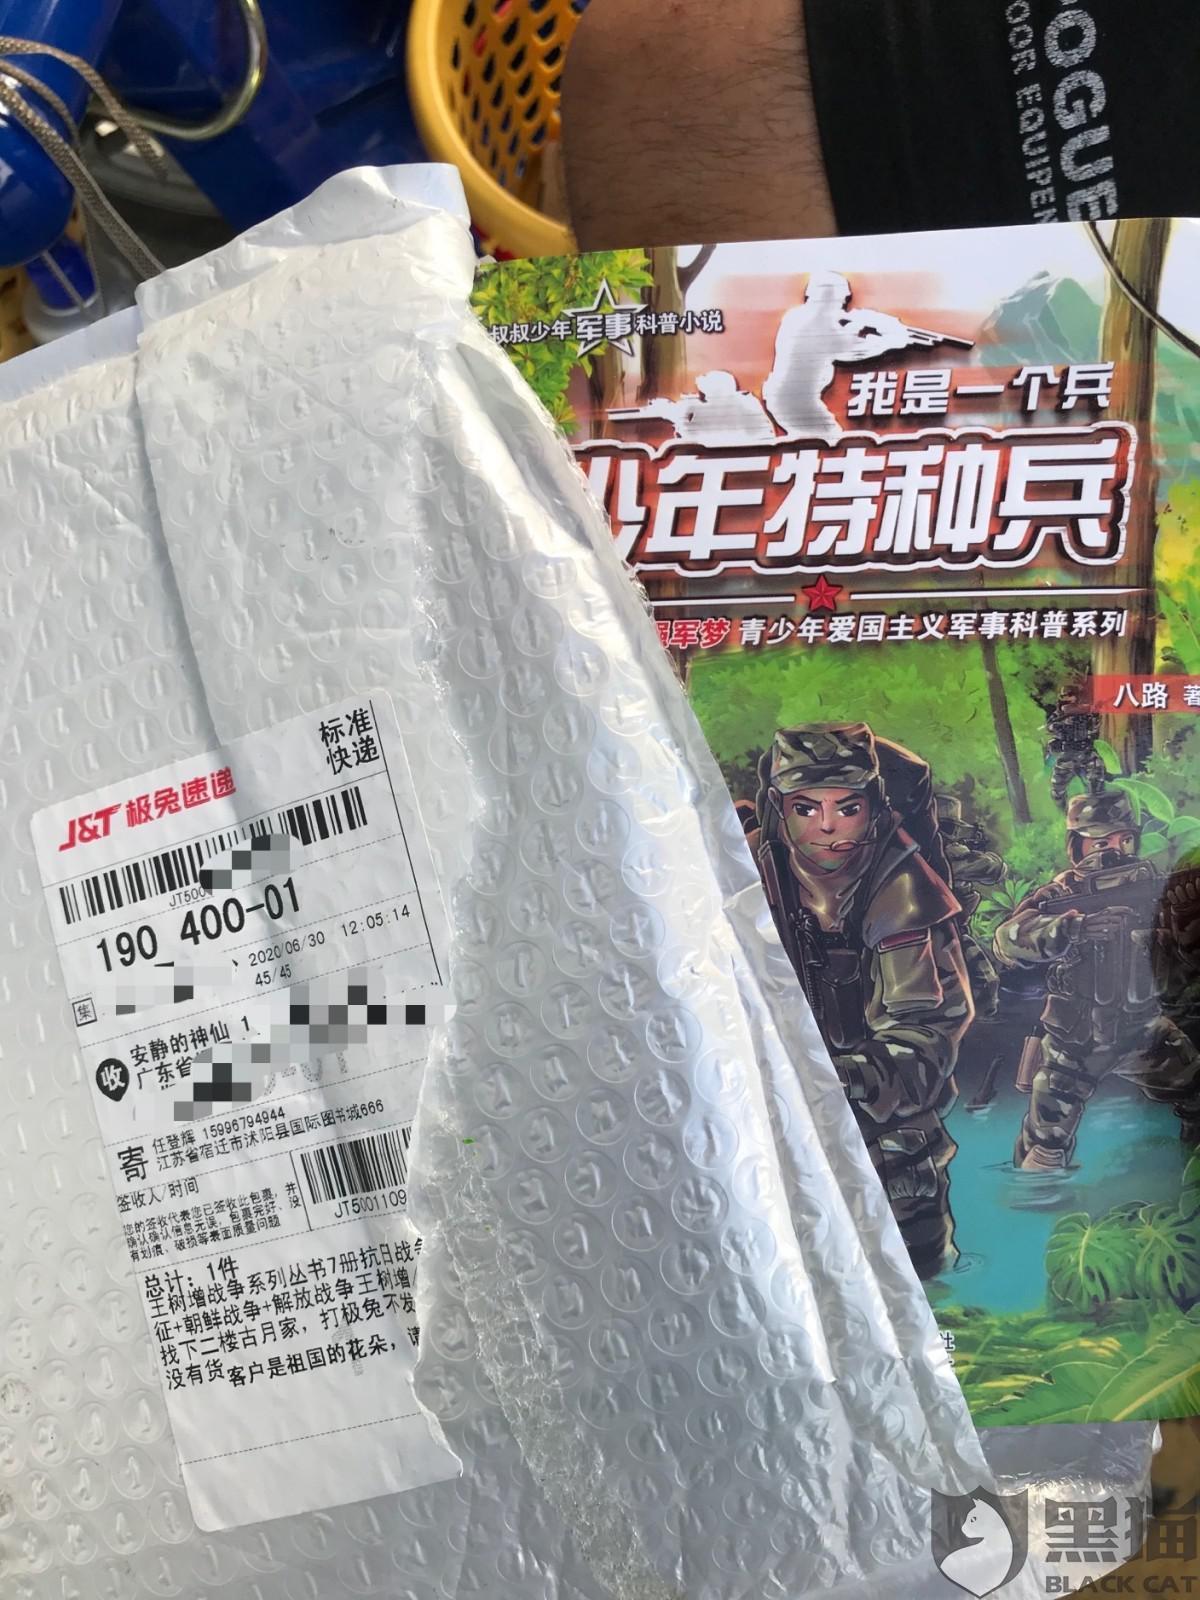 黑猫投诉:拼多多客服渎职,平台商家兰亭驿站图书虚假发货